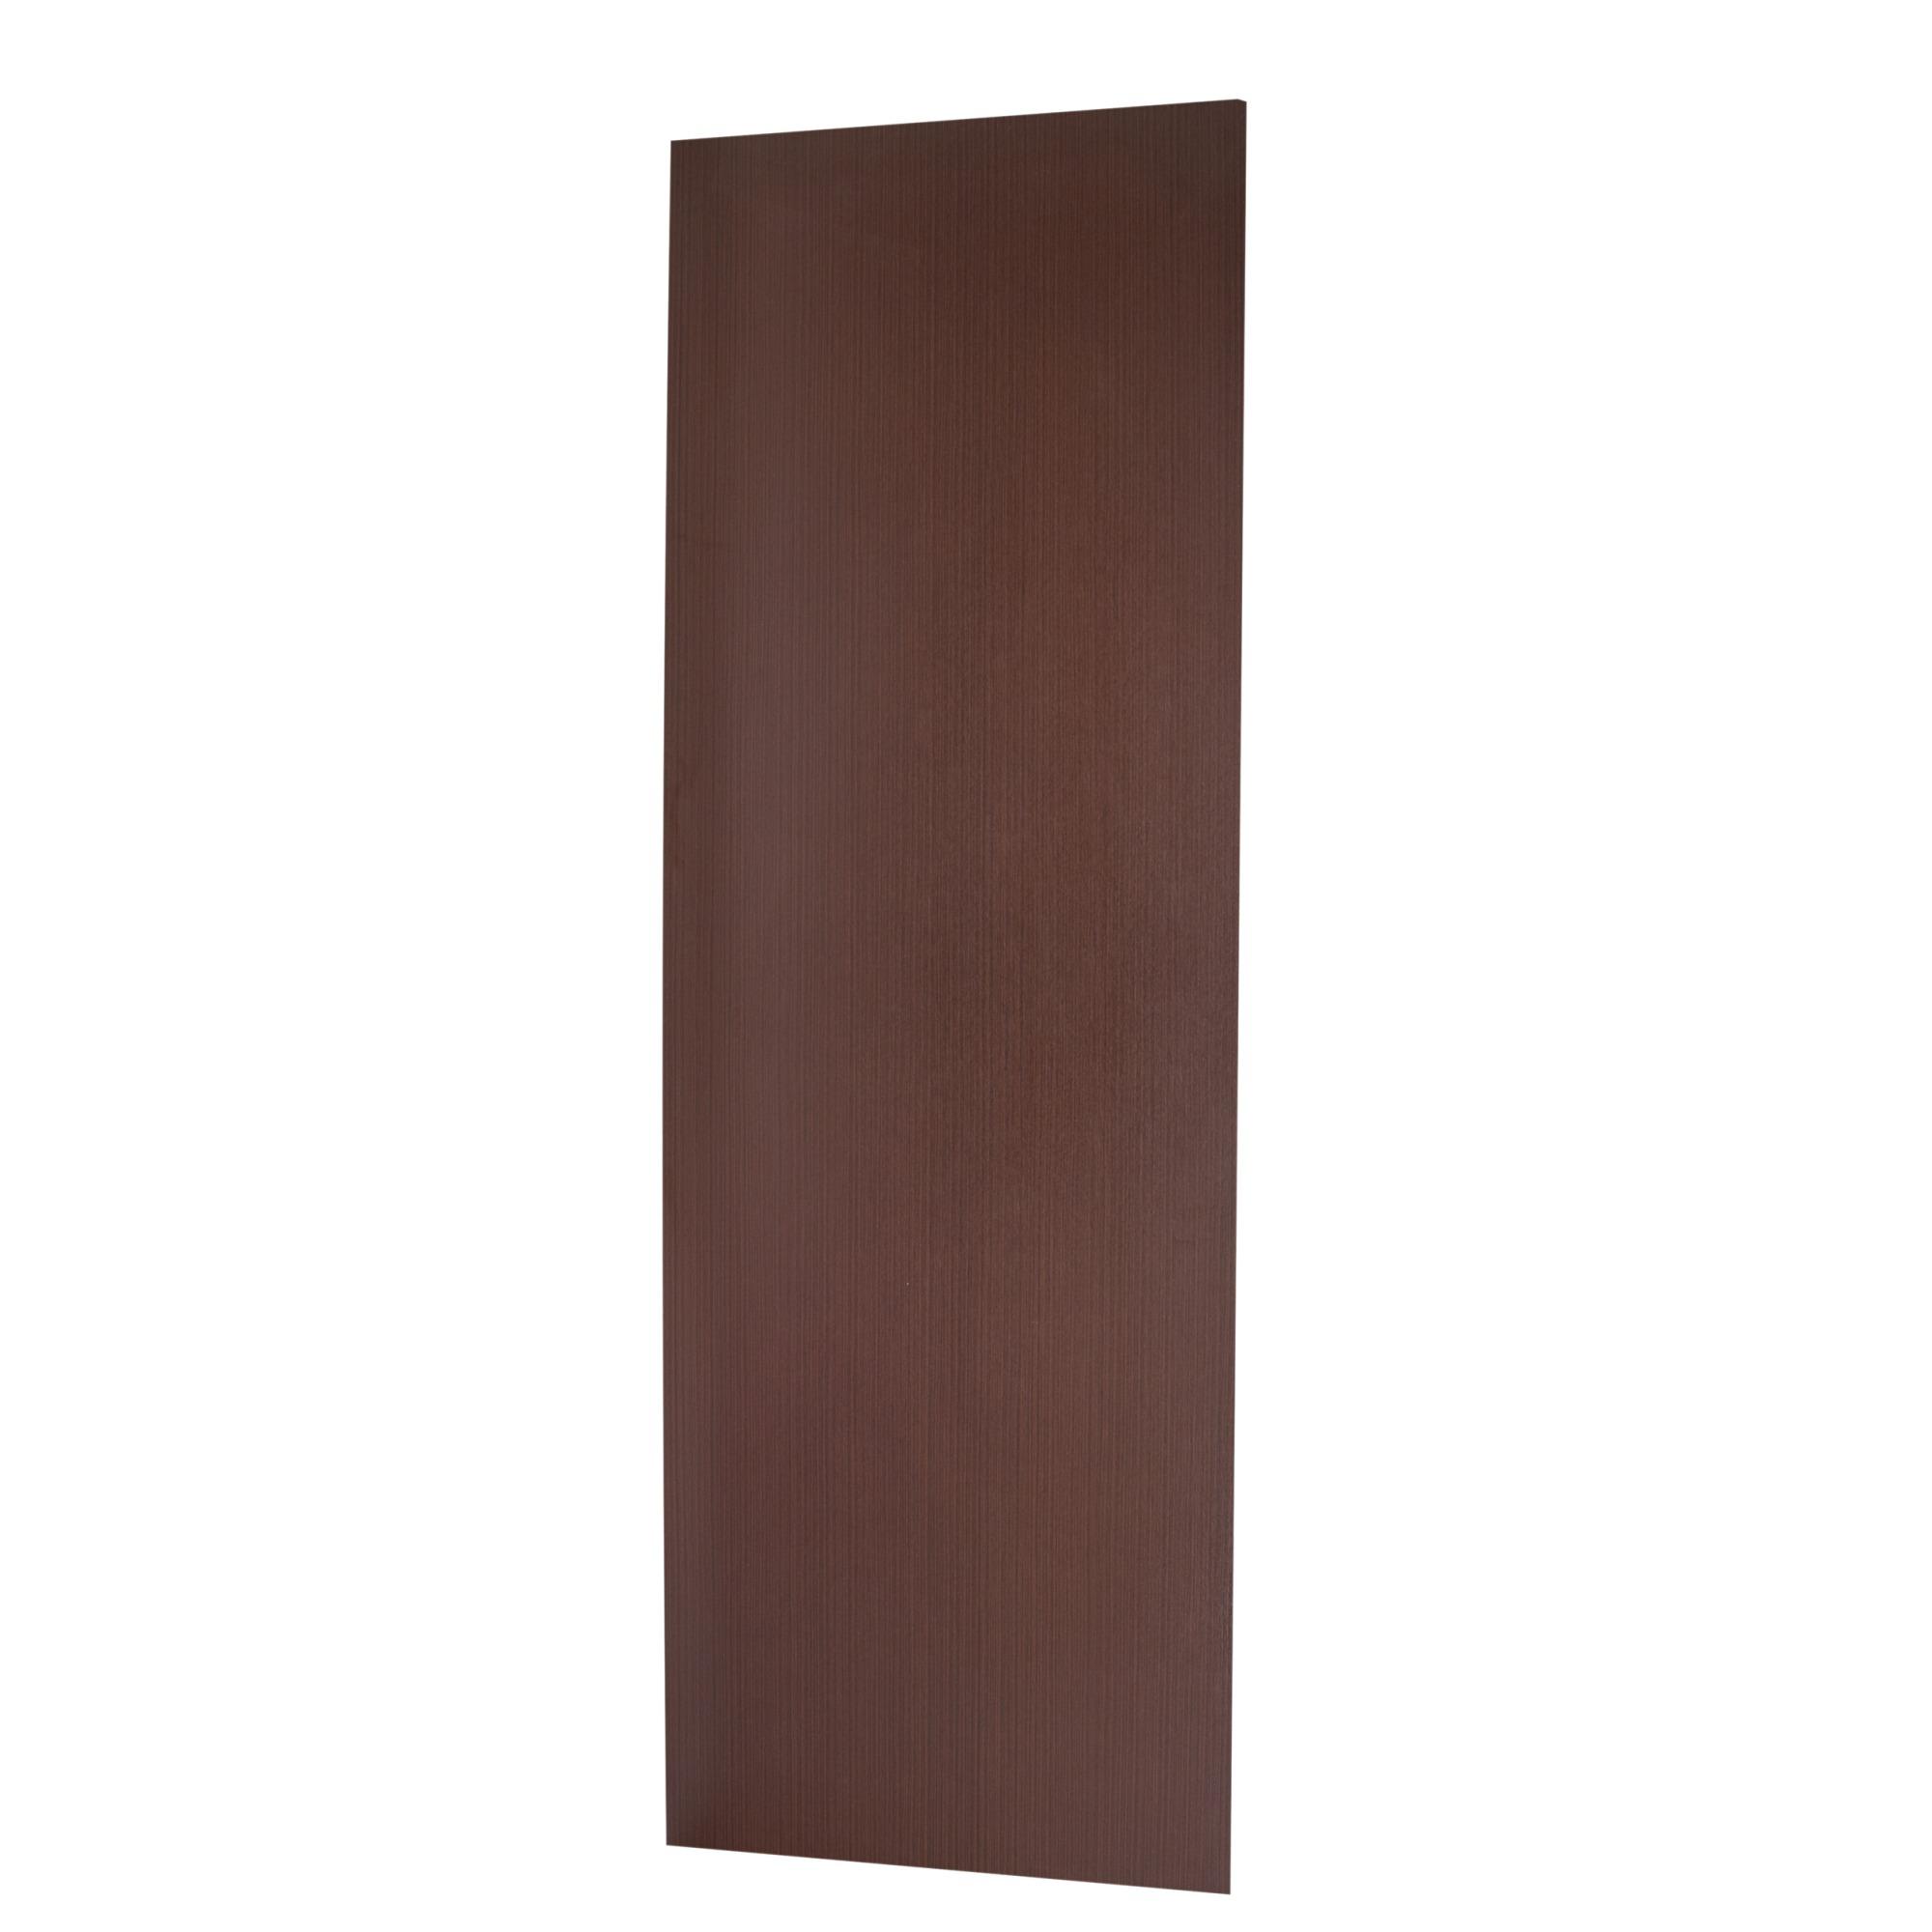 Porta de Madeira de Abrir Lisa Semissolido 60 x 210cm Pinus - Marrom escuro - Madelar